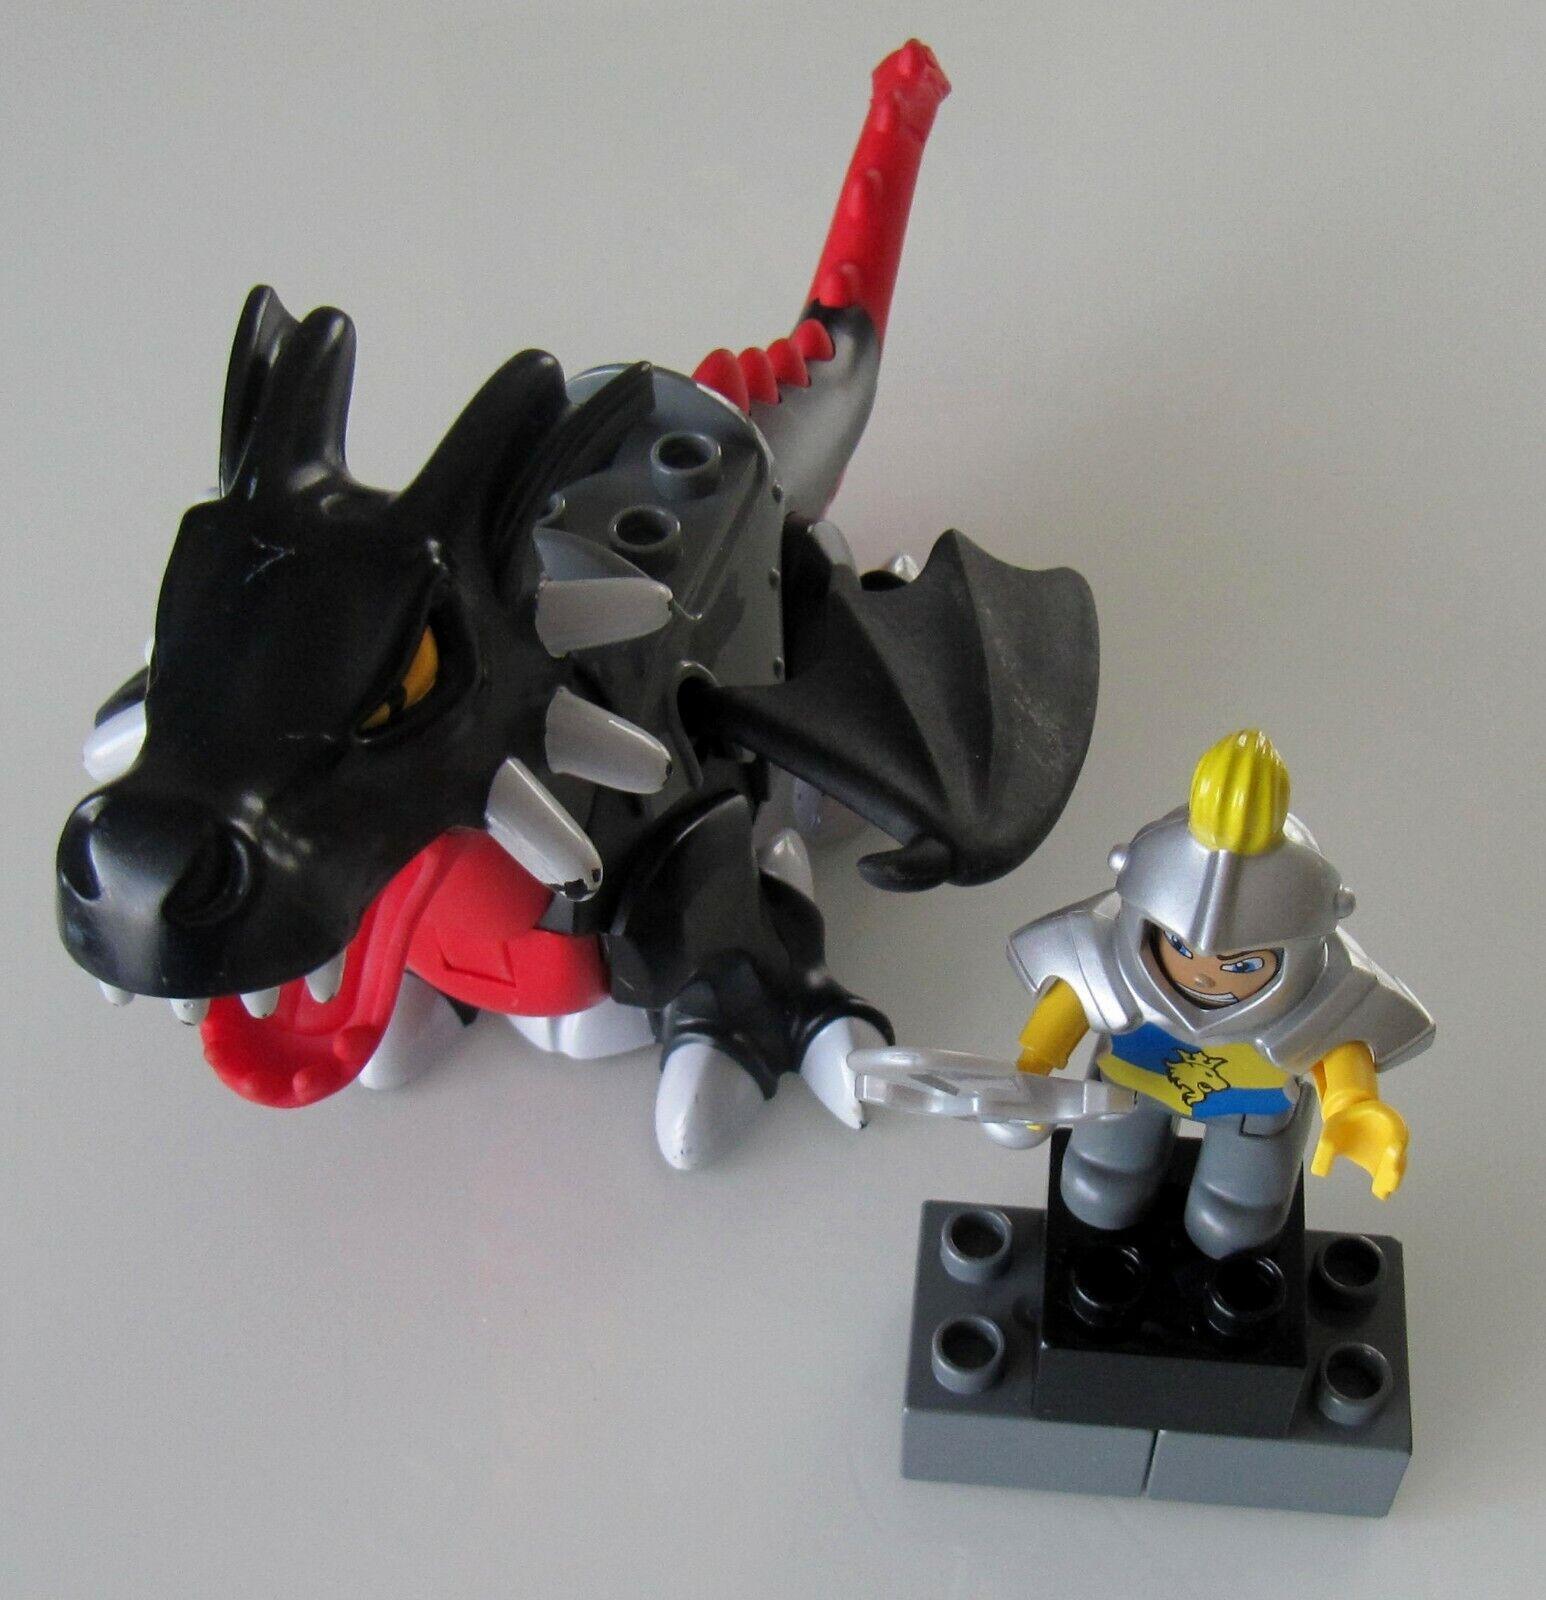 TOP ZUSTAND ZUSTAND ZUSTAND  Lego DUPLO 4784 großer schwarzer Drache mit Ritter   Unbeschädigt 43ff44